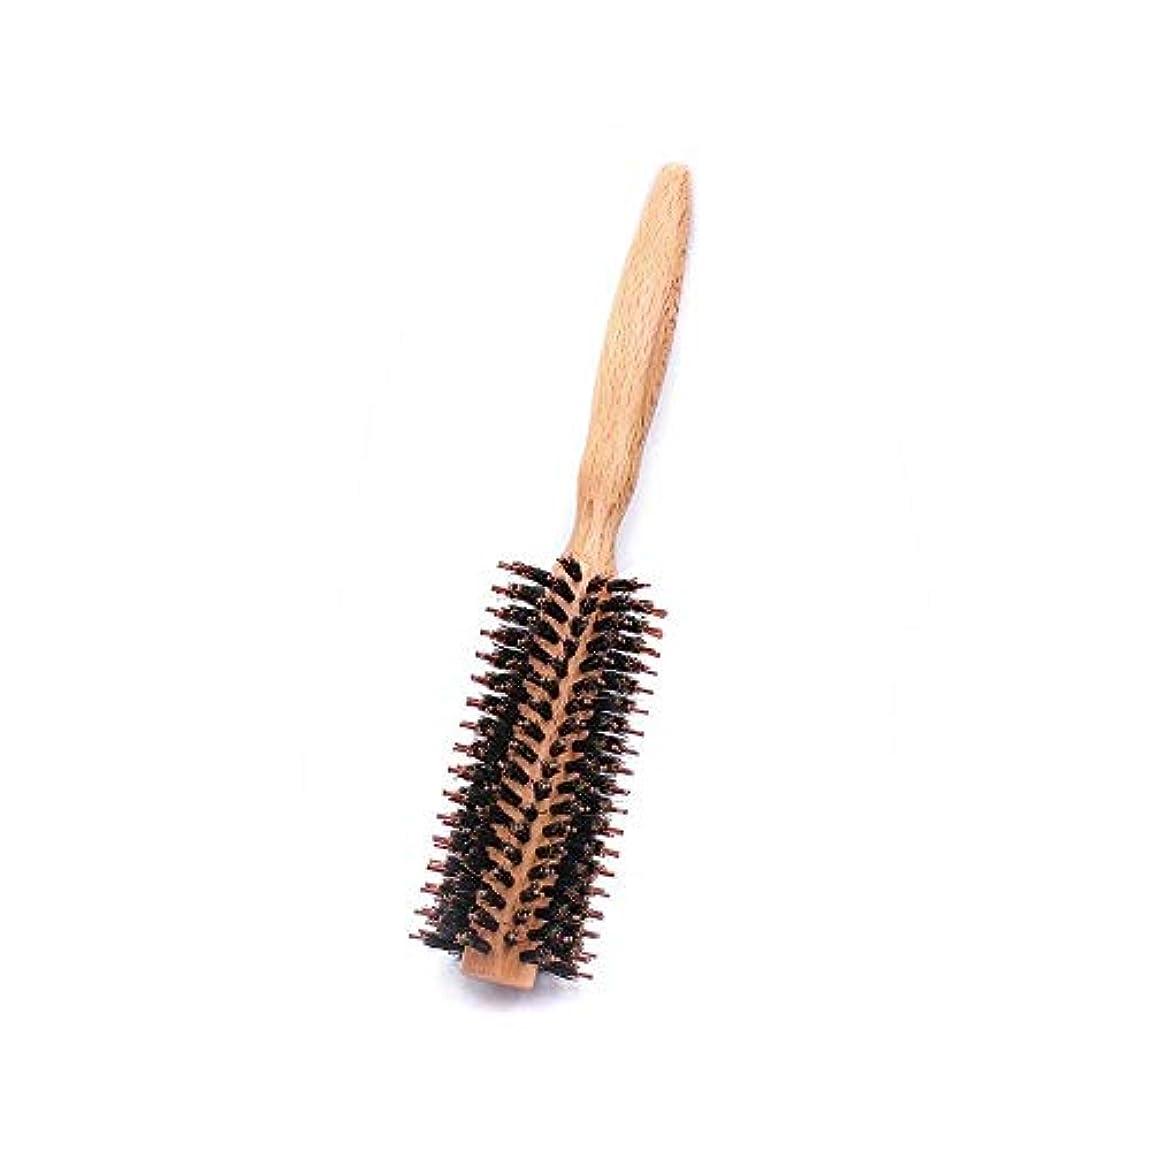 空気無数のヘクタールヘアコーム理髪くし ラウンドスタイリングヘア毛ブラシ - ナチュラル木製ハンドルの櫛でドライヤー&カーリングロールヘアブラシフェラ ヘアスタイリングコーム (Color : Twill, Size : S)